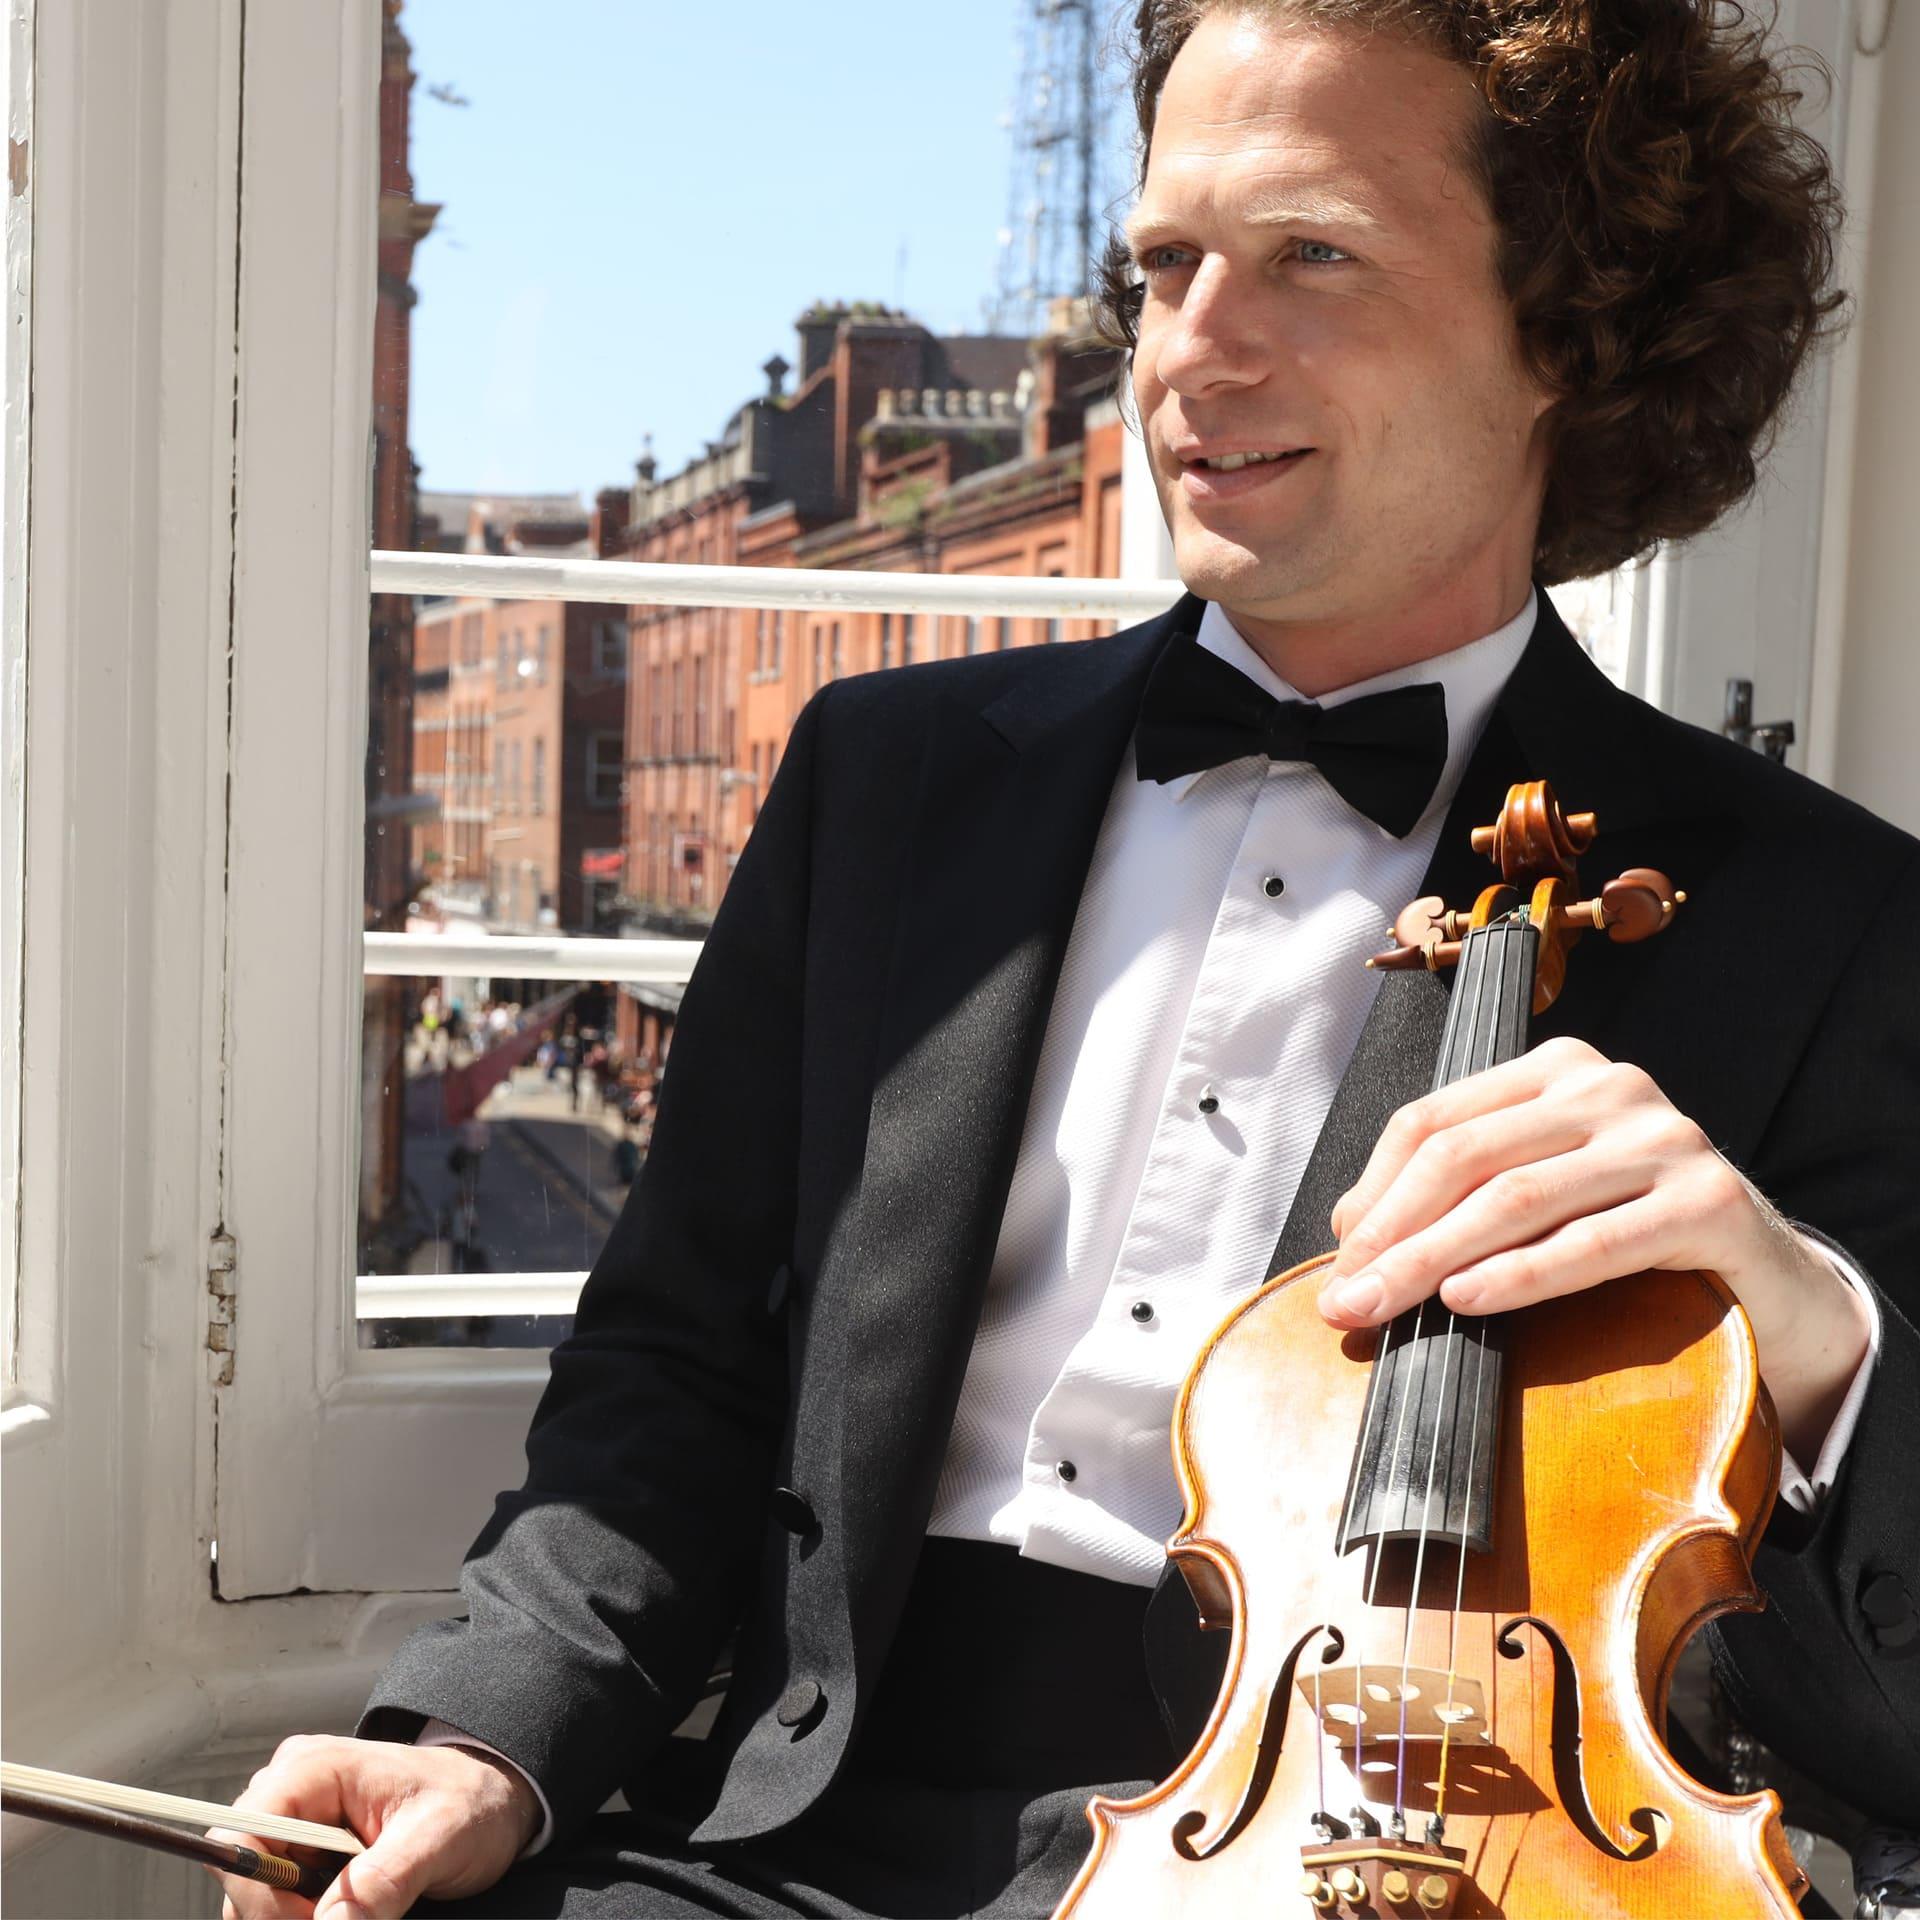 Vivaldi's Four Seasons with Vladimir Jablokov